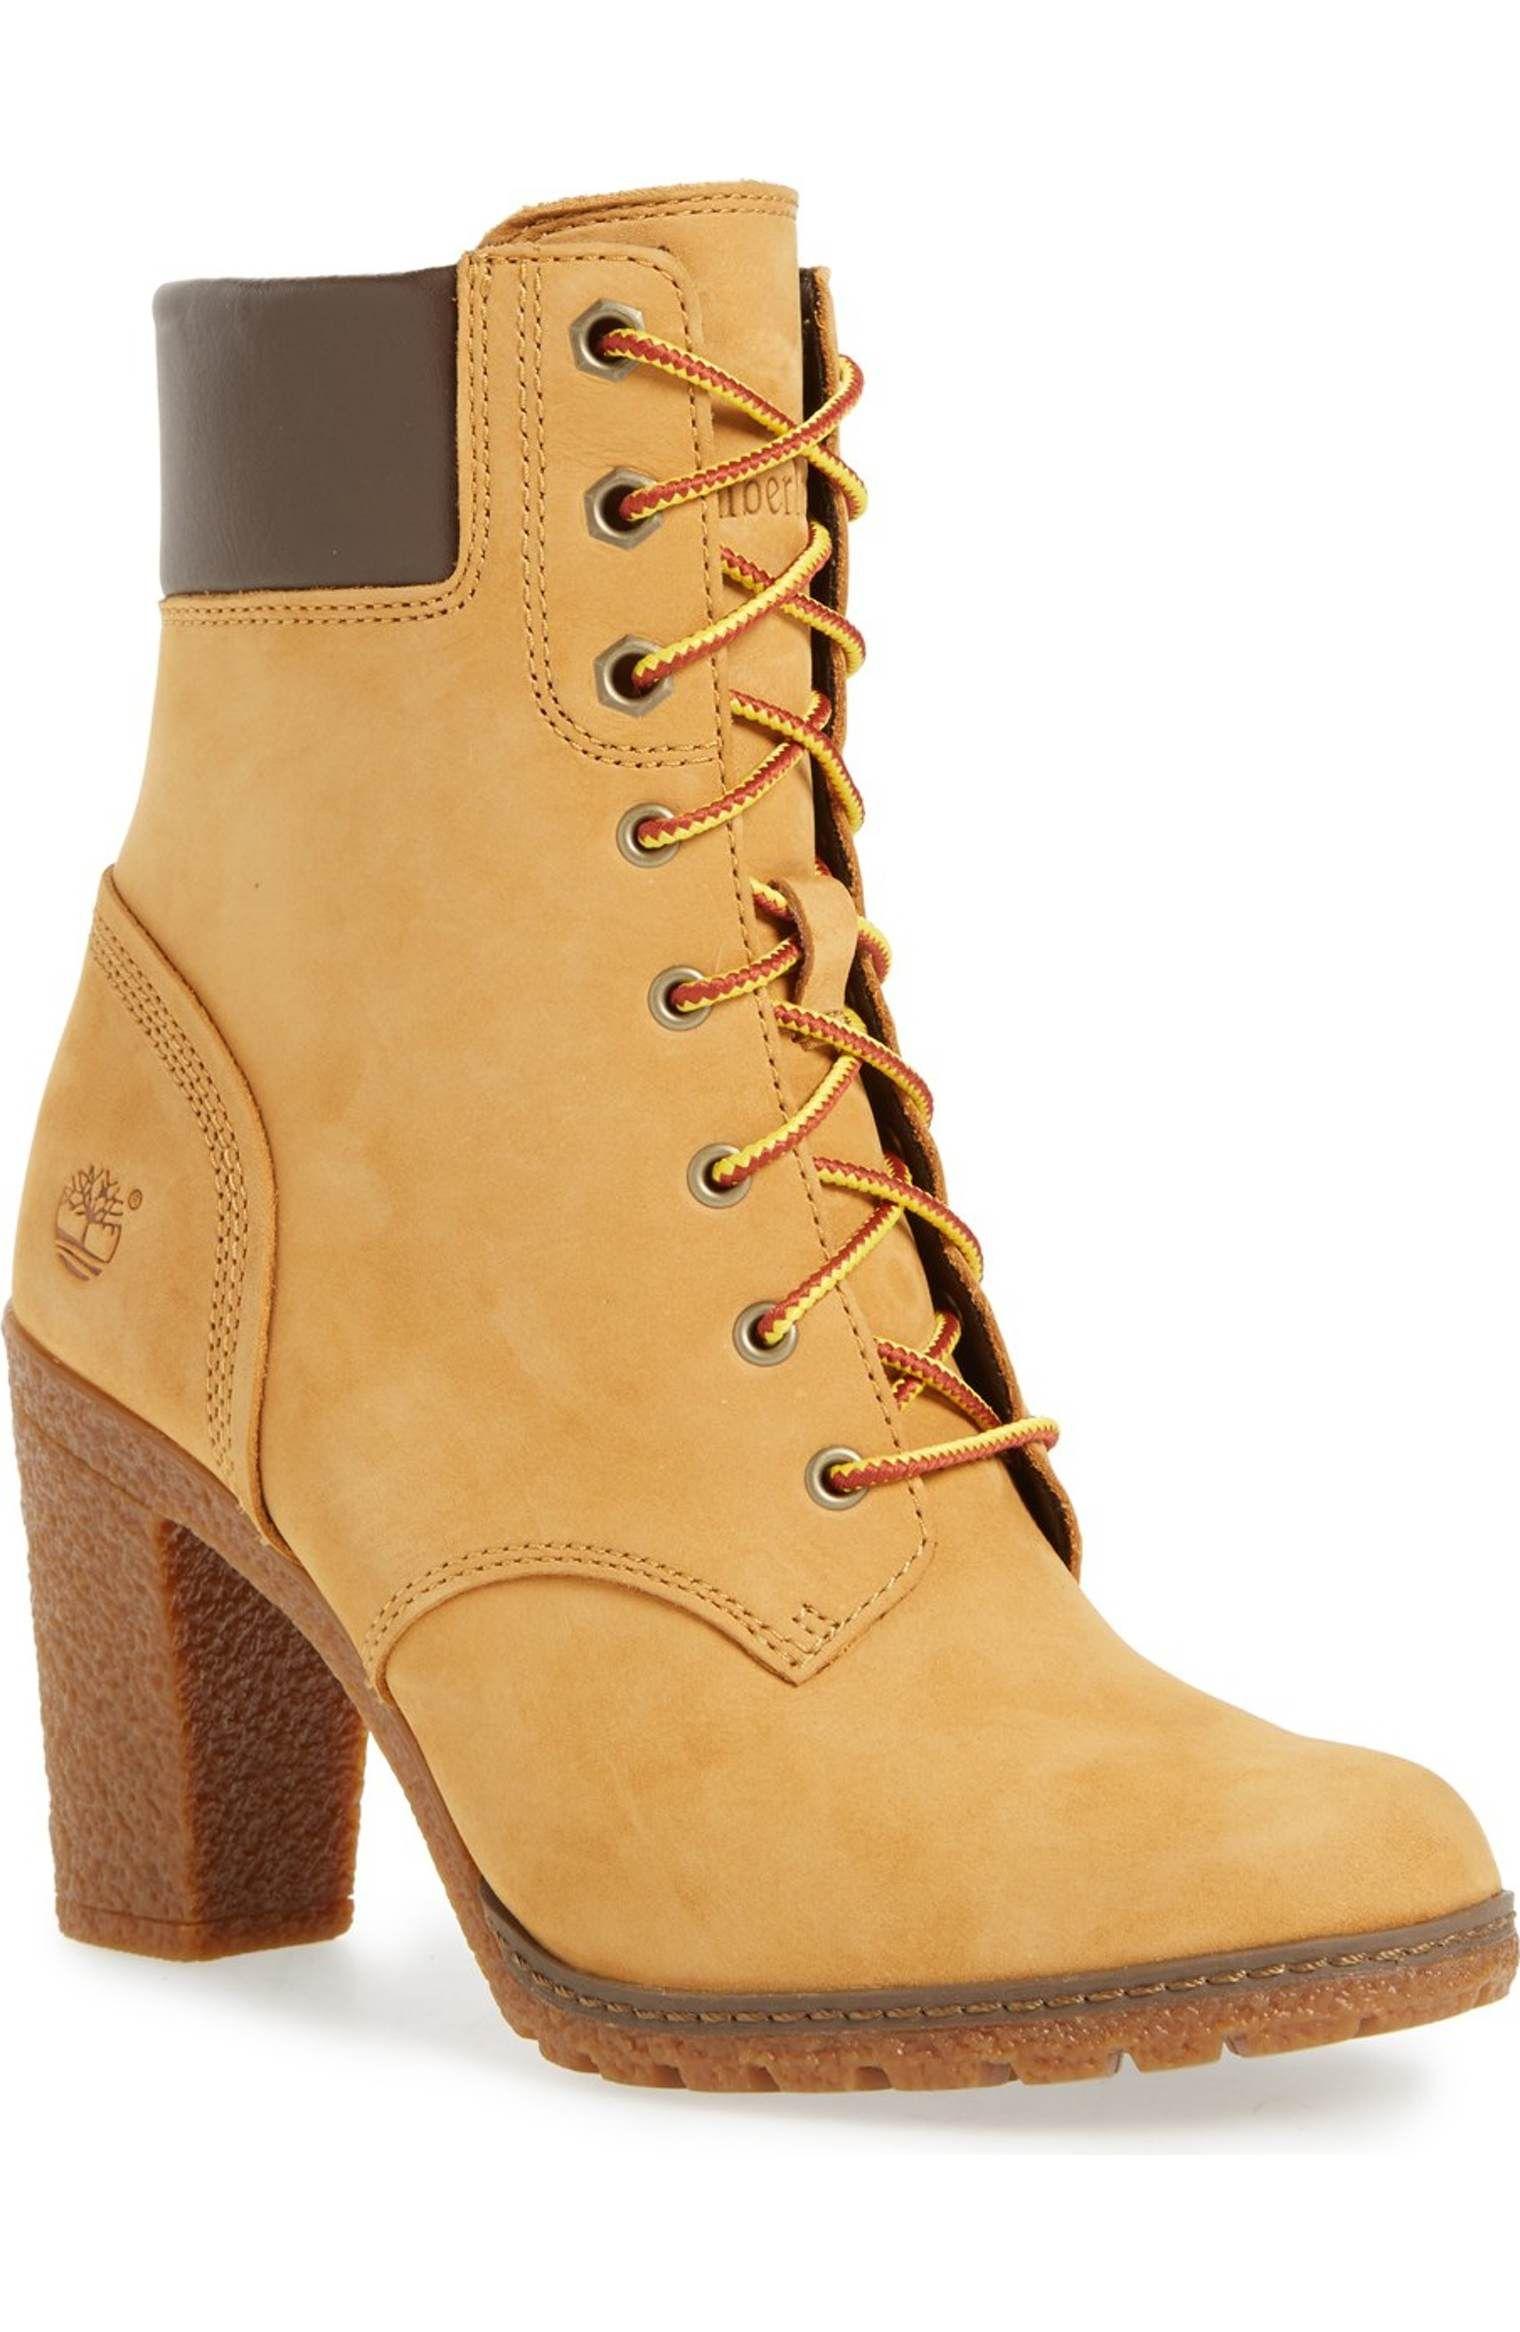 Timberland Glancy 6 Inch Ankle Boots Stiefeletten Schnürschuhe Damen Stiefel